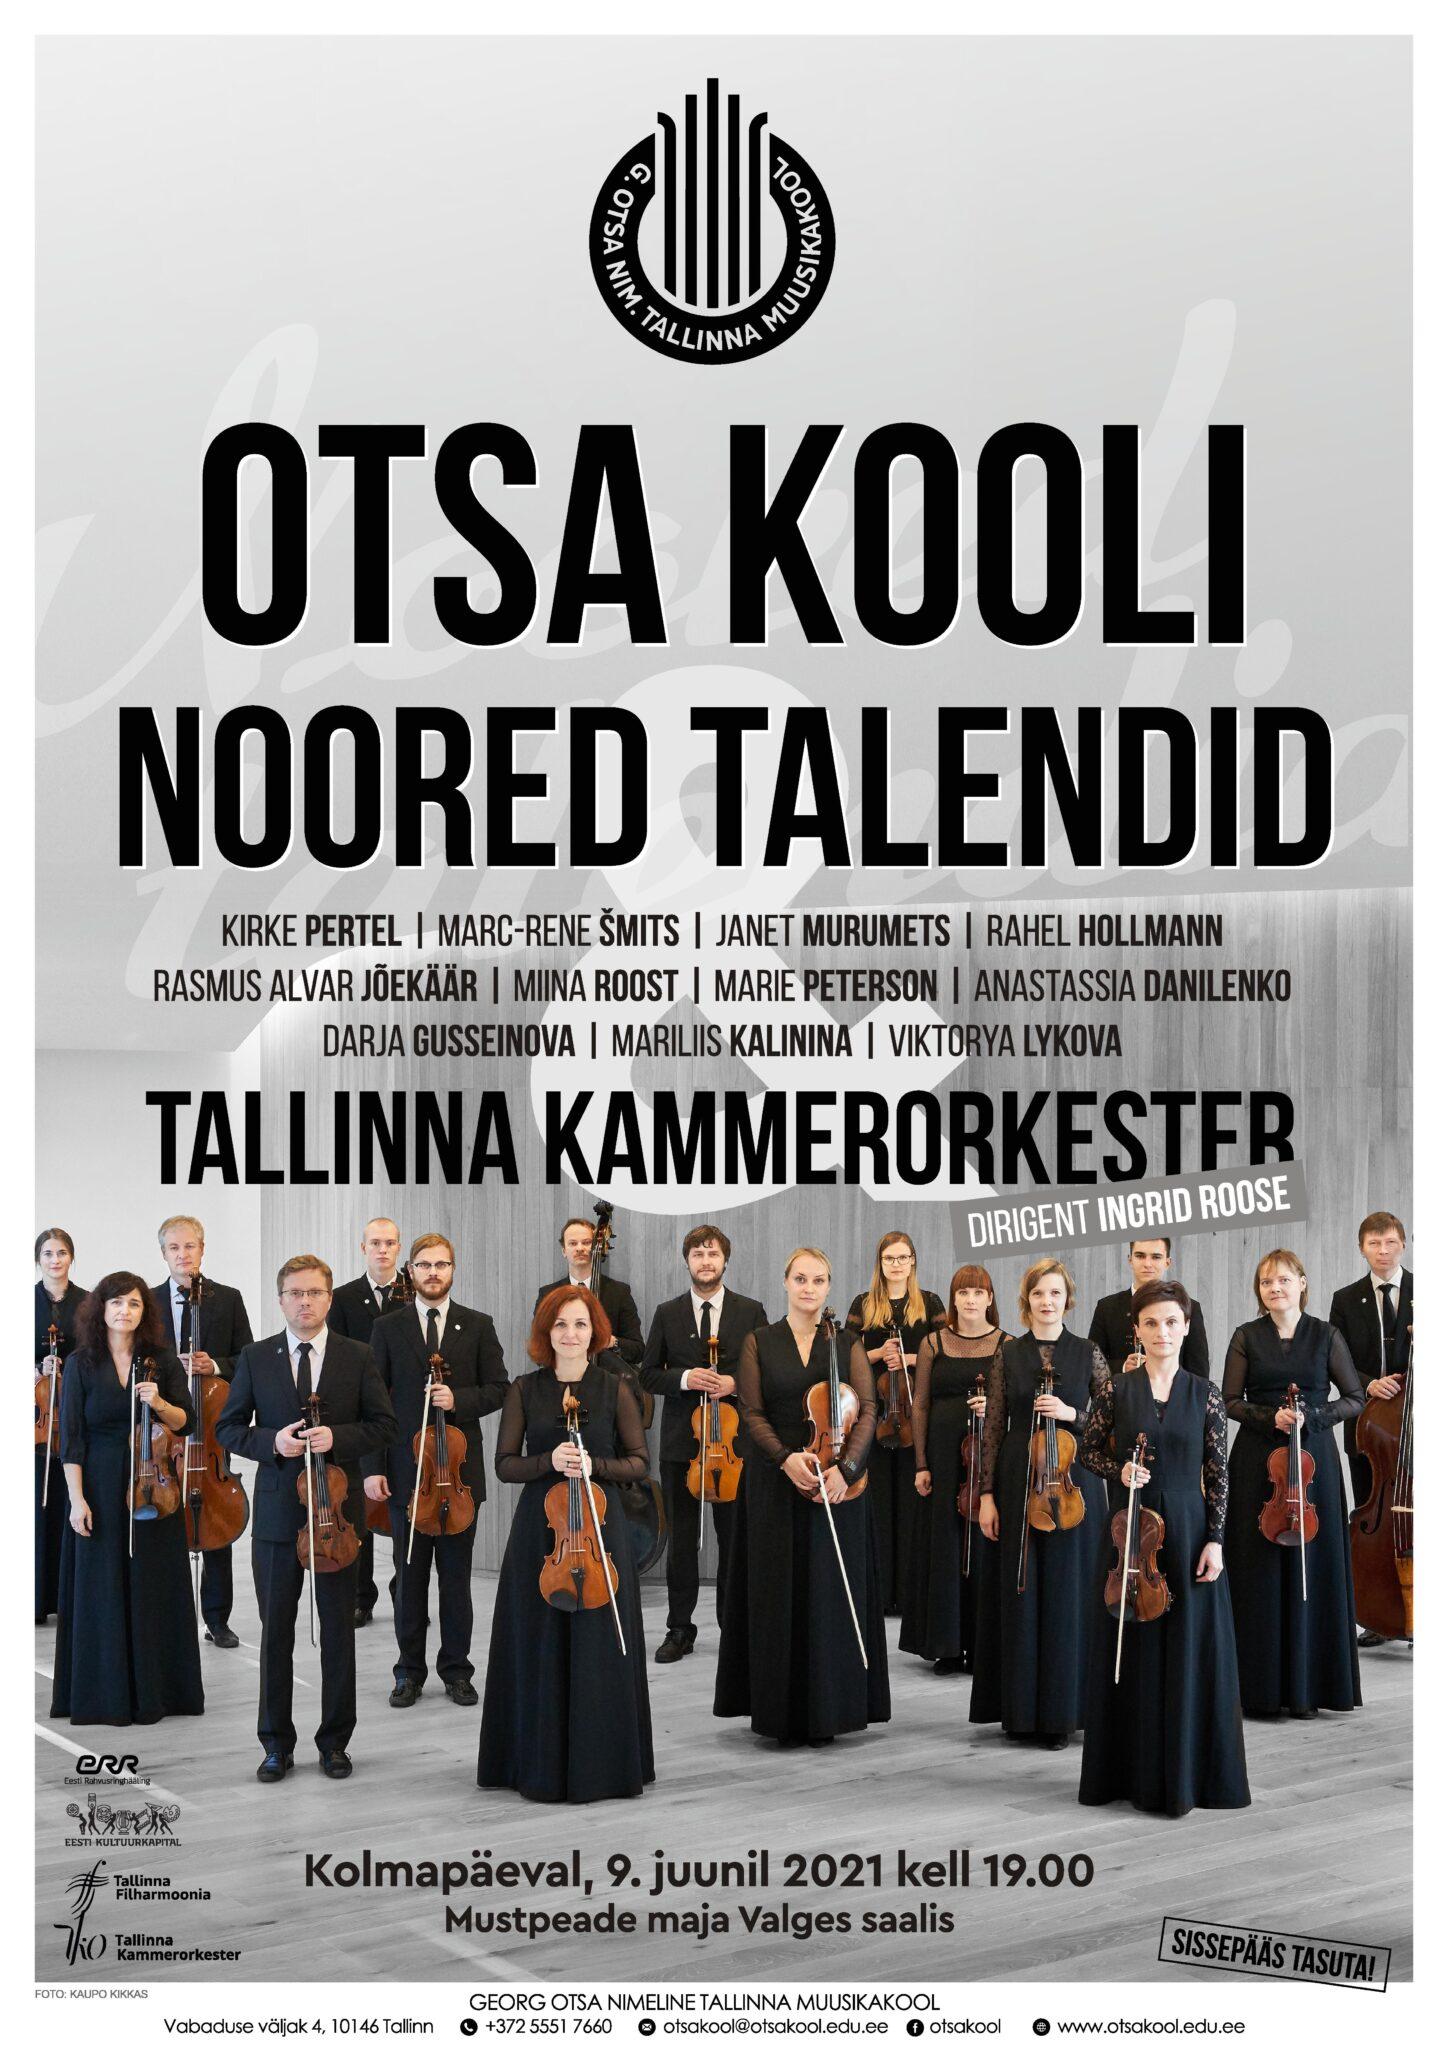 Otsa kooli noored talendid & Tallinna Kammerorkester